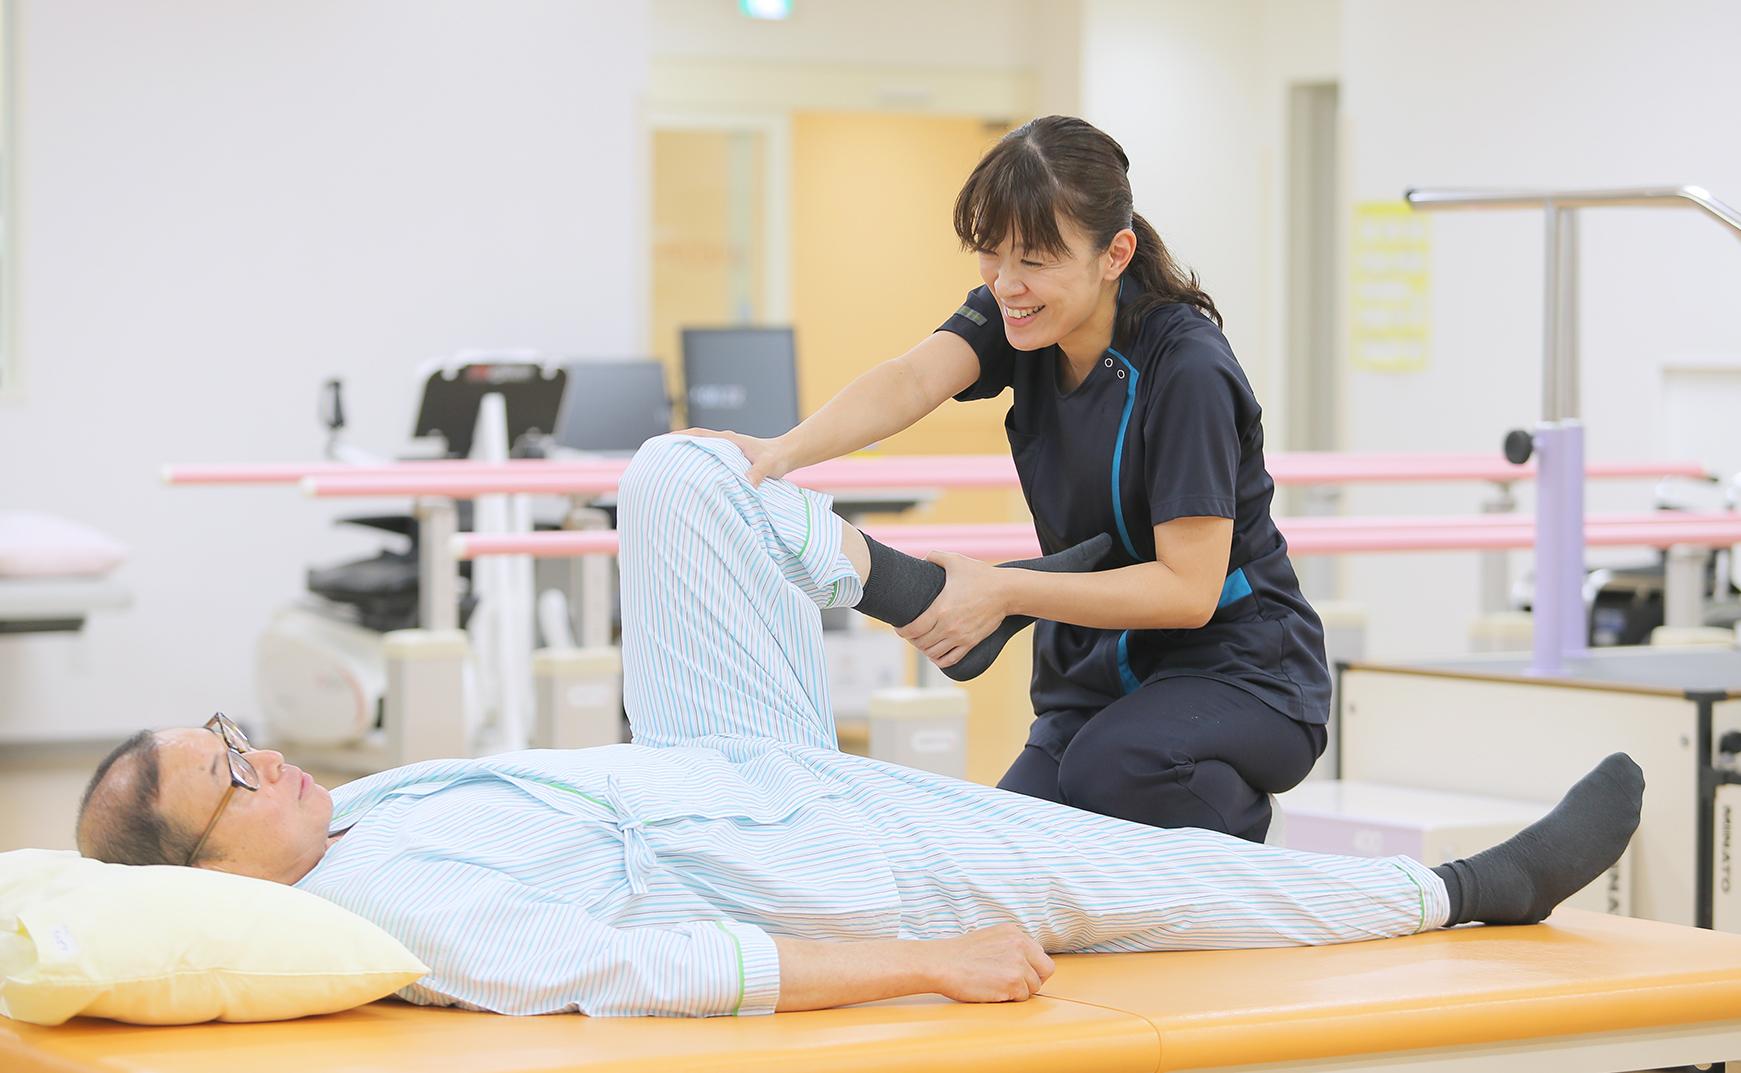 病初期から慢性期まで継続したケアを提供できる病棟イメージ